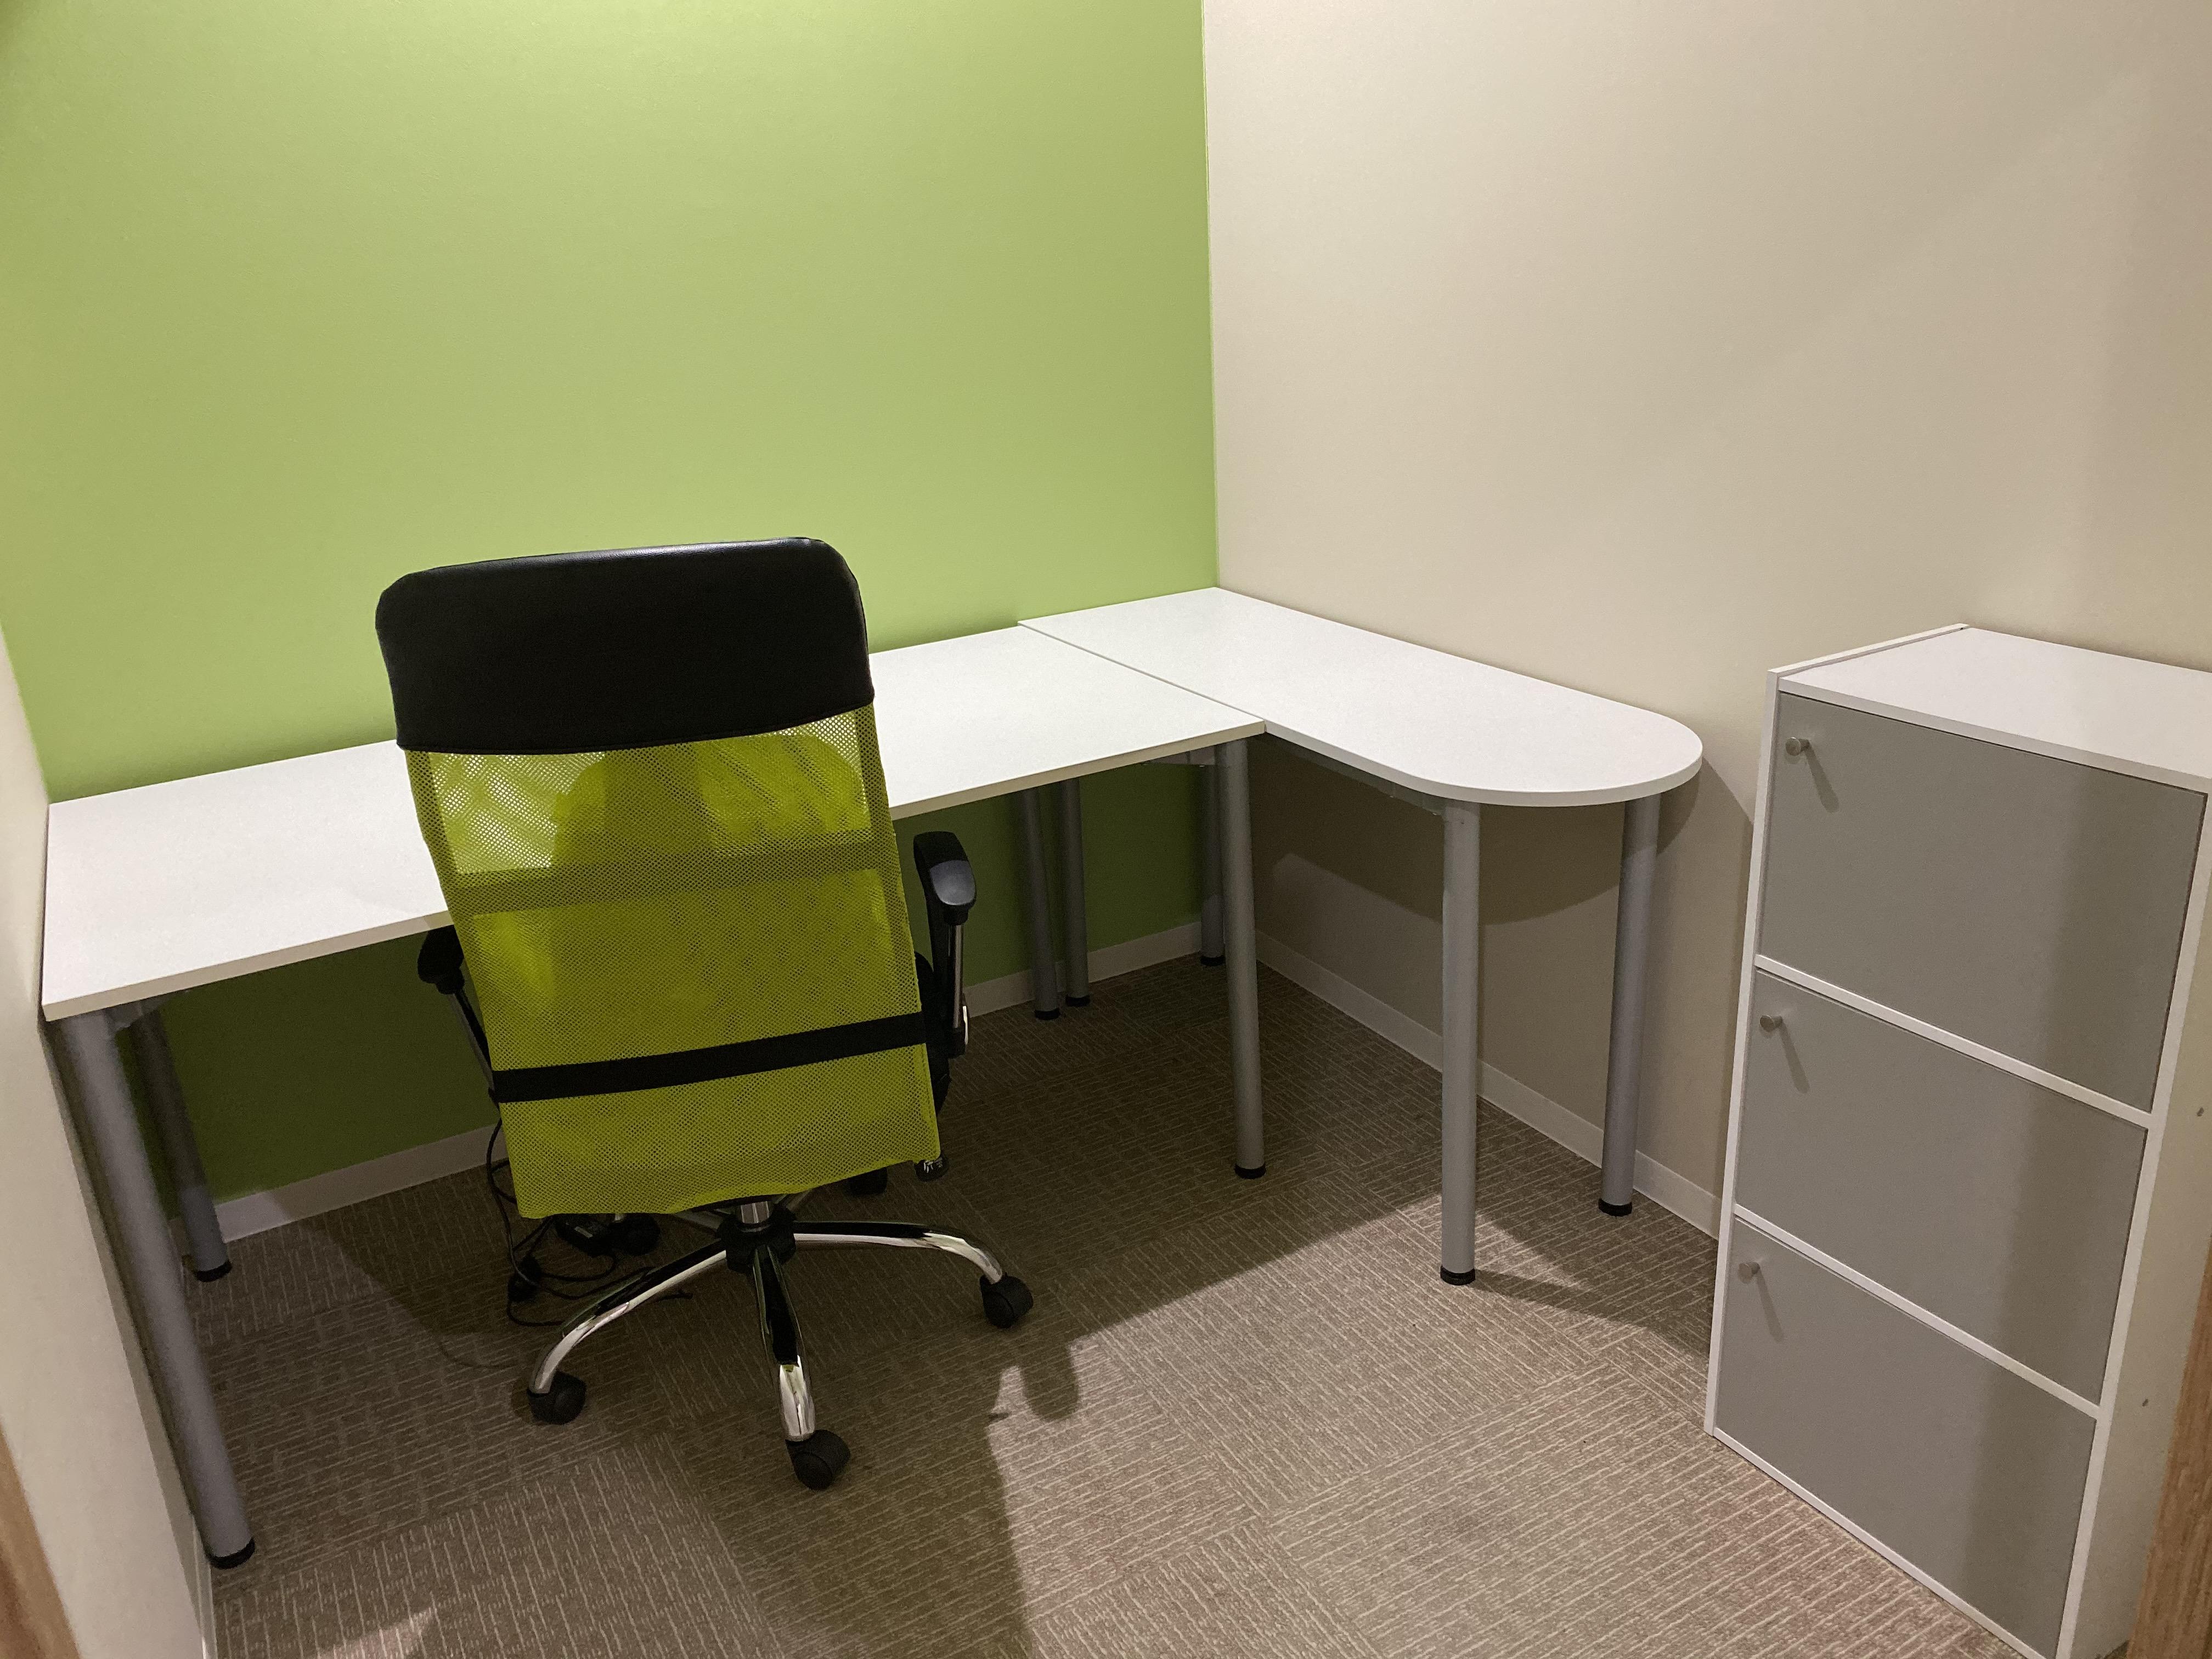 L字型デスク・収納棚を設置済み!使い勝手の良いオフィス